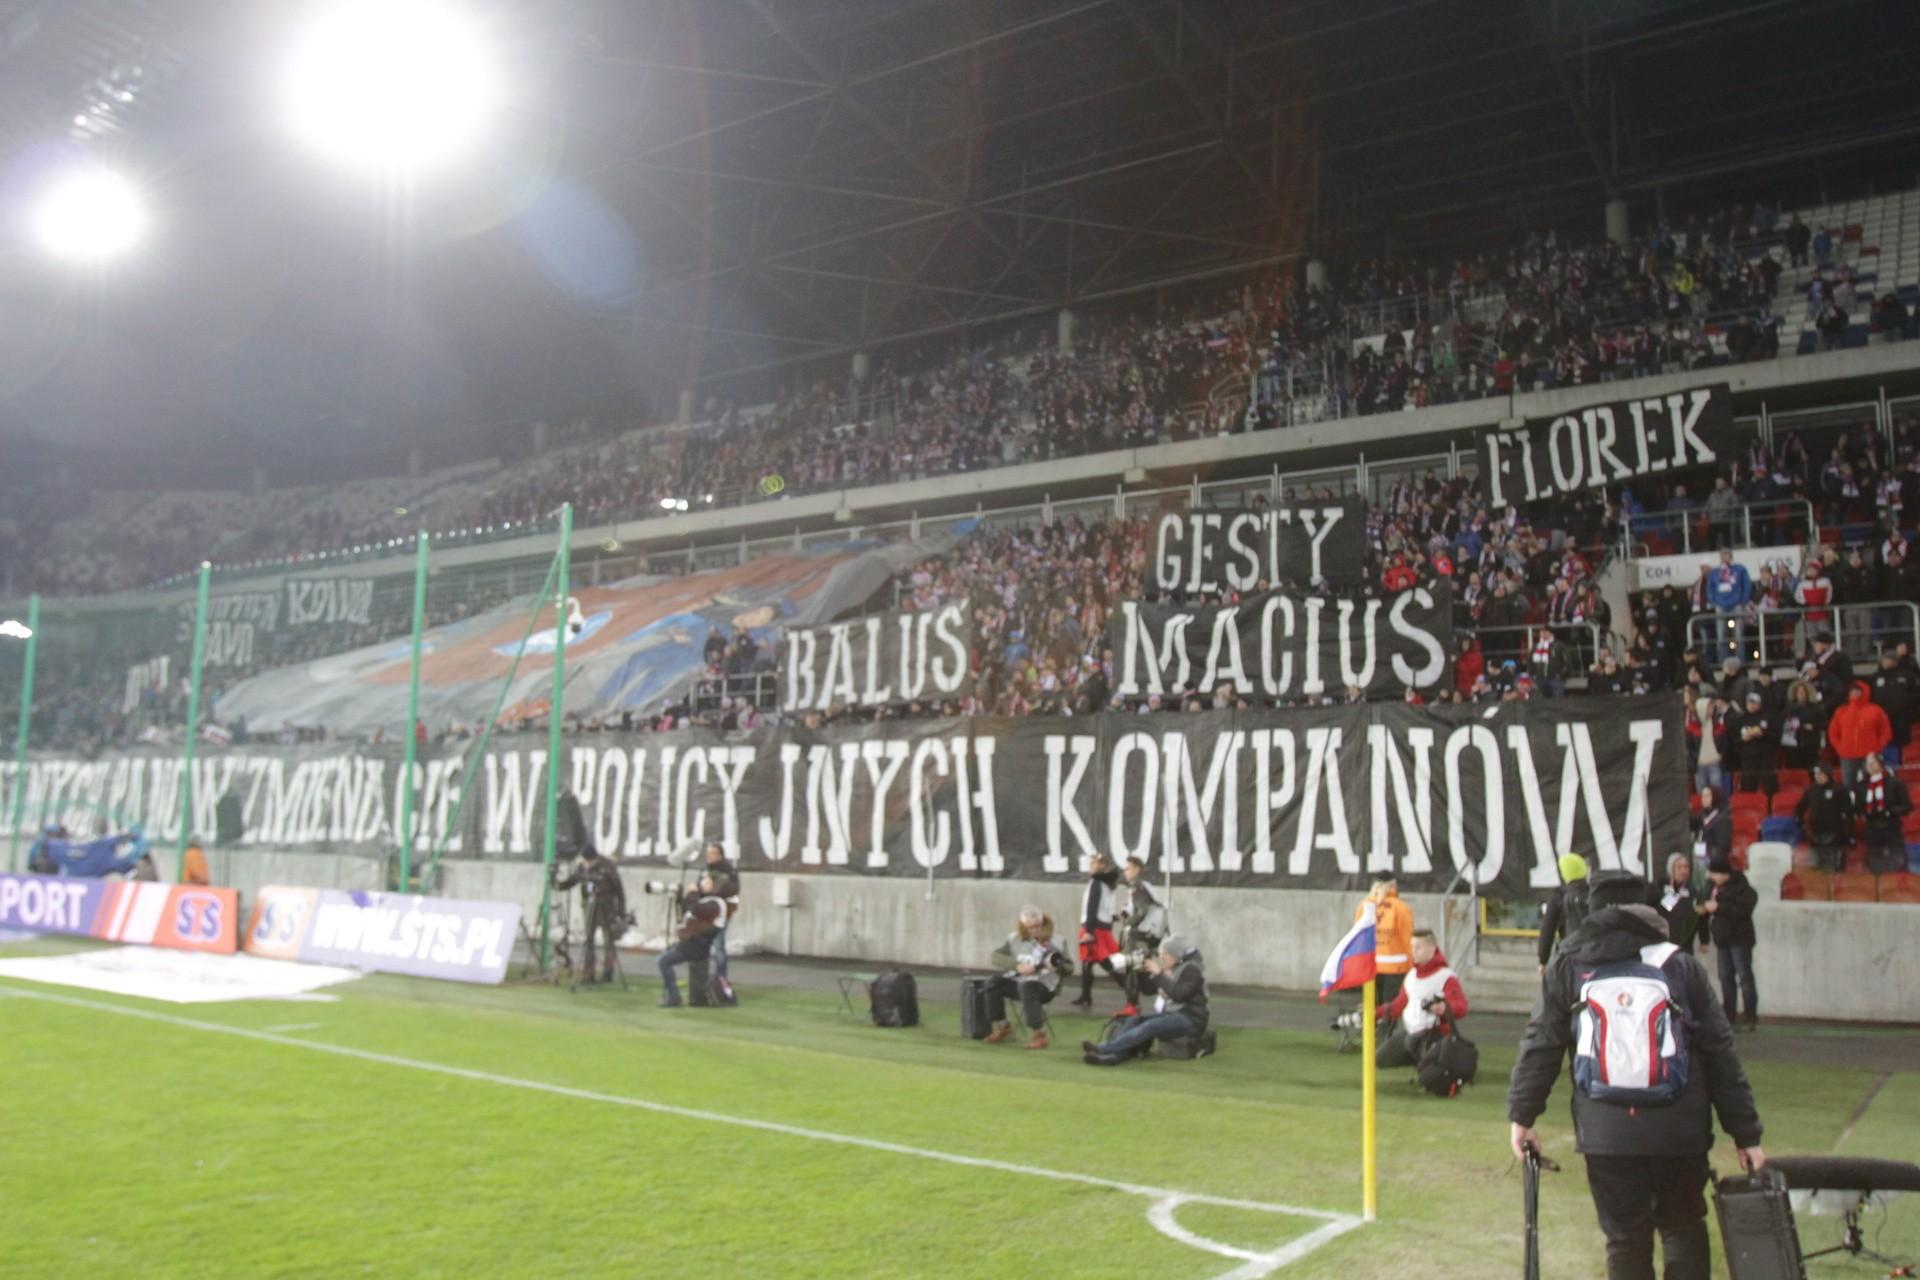 Górnik Zabrze – Wisła Kraków: Wisła Kraków 2:0 ZDJĘCIA KIBICÓW Torcida